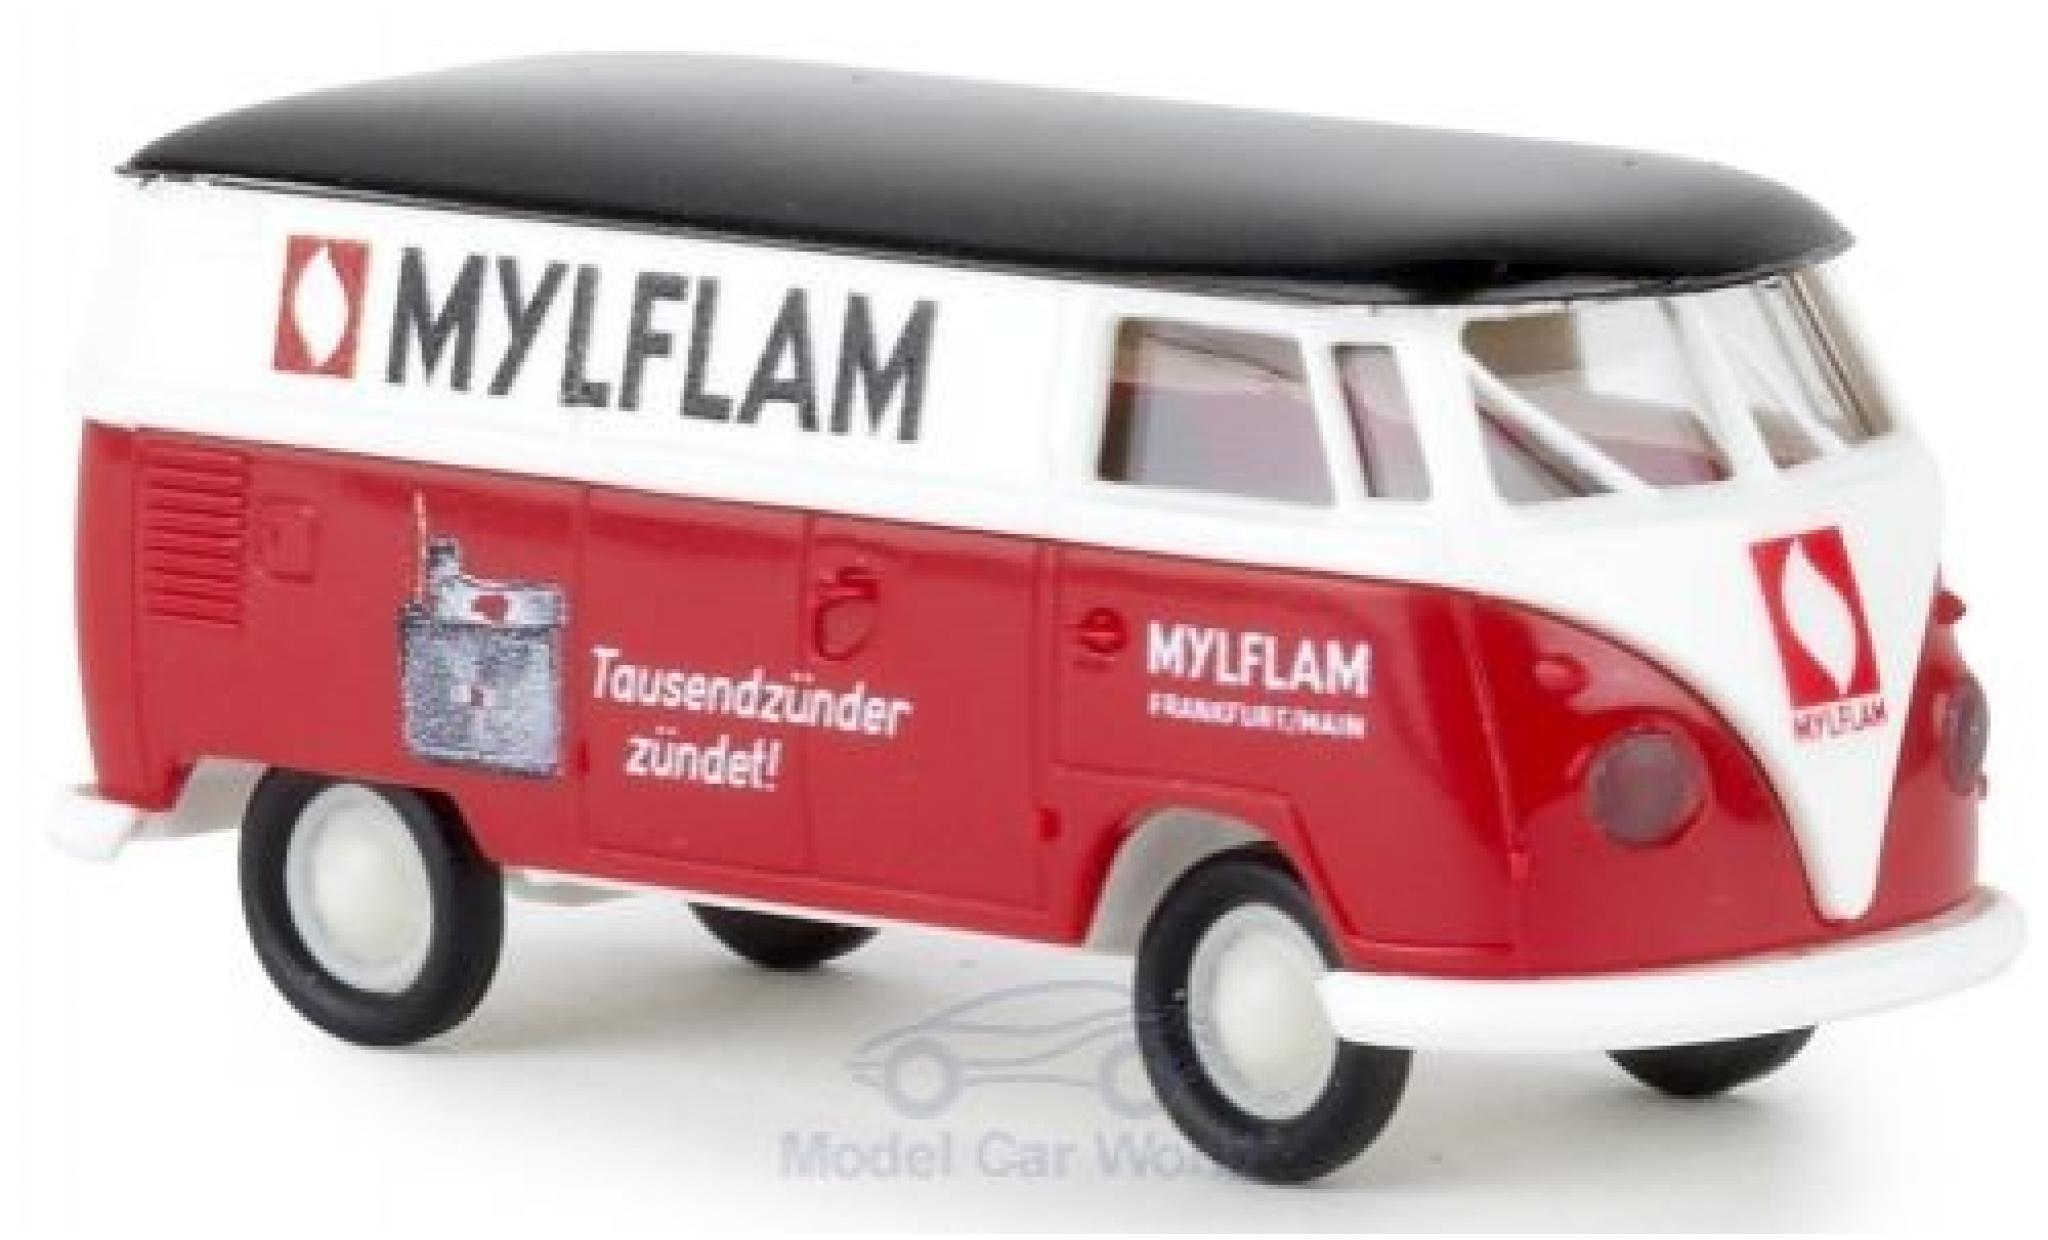 Volkswagen T1 1/87 Brekina b Kasten Mylflam